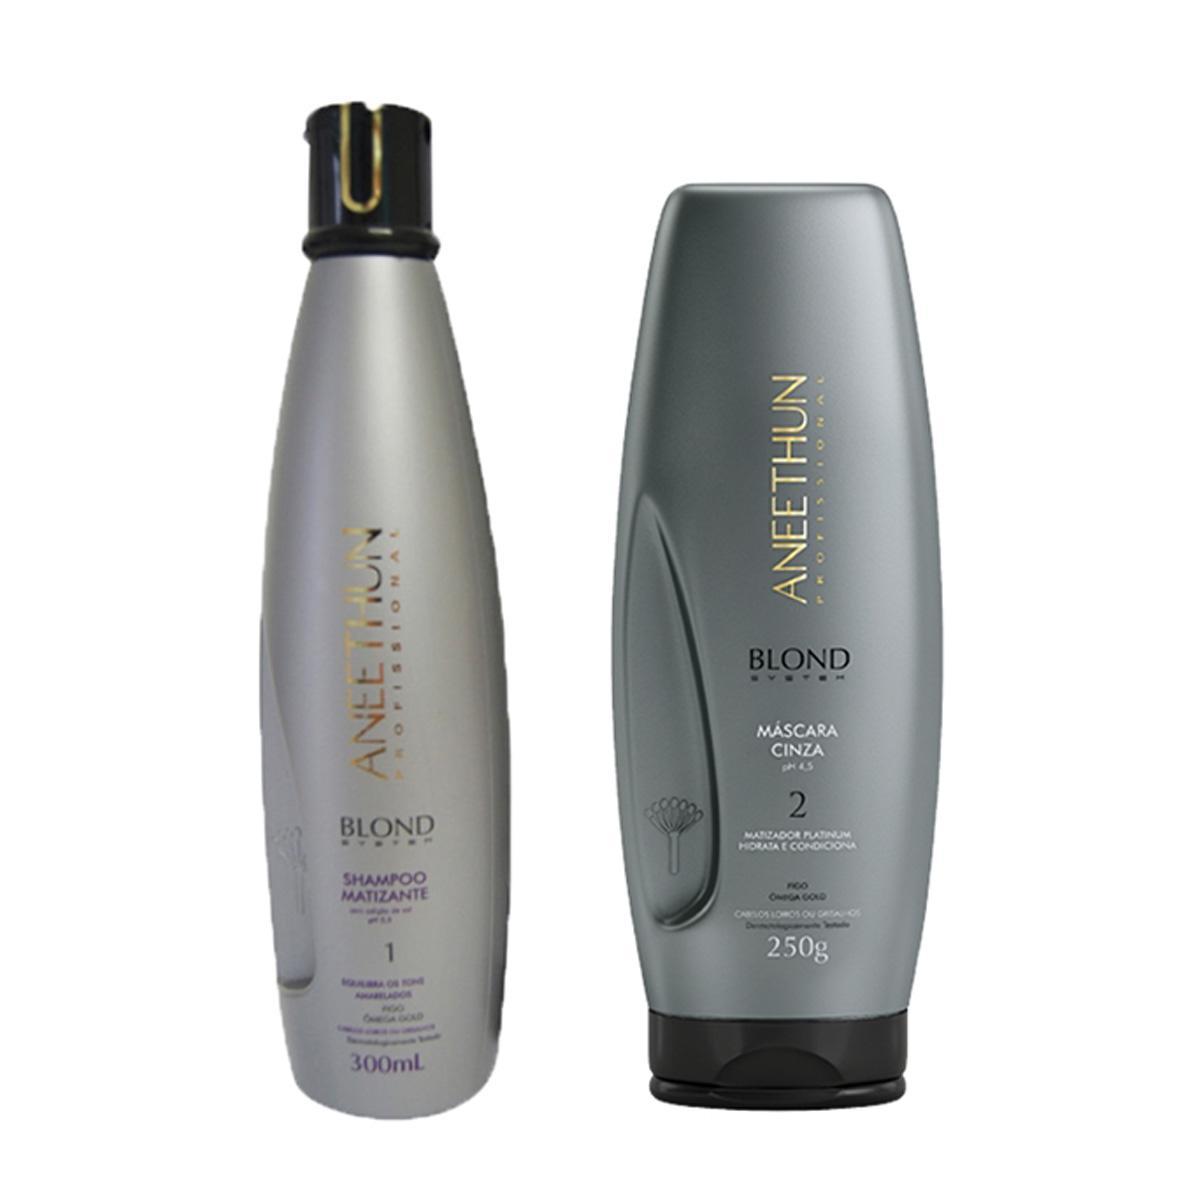 Kit Aneethun Blond Matizante Shampoo 300ml e Máscara Cinza 250gr